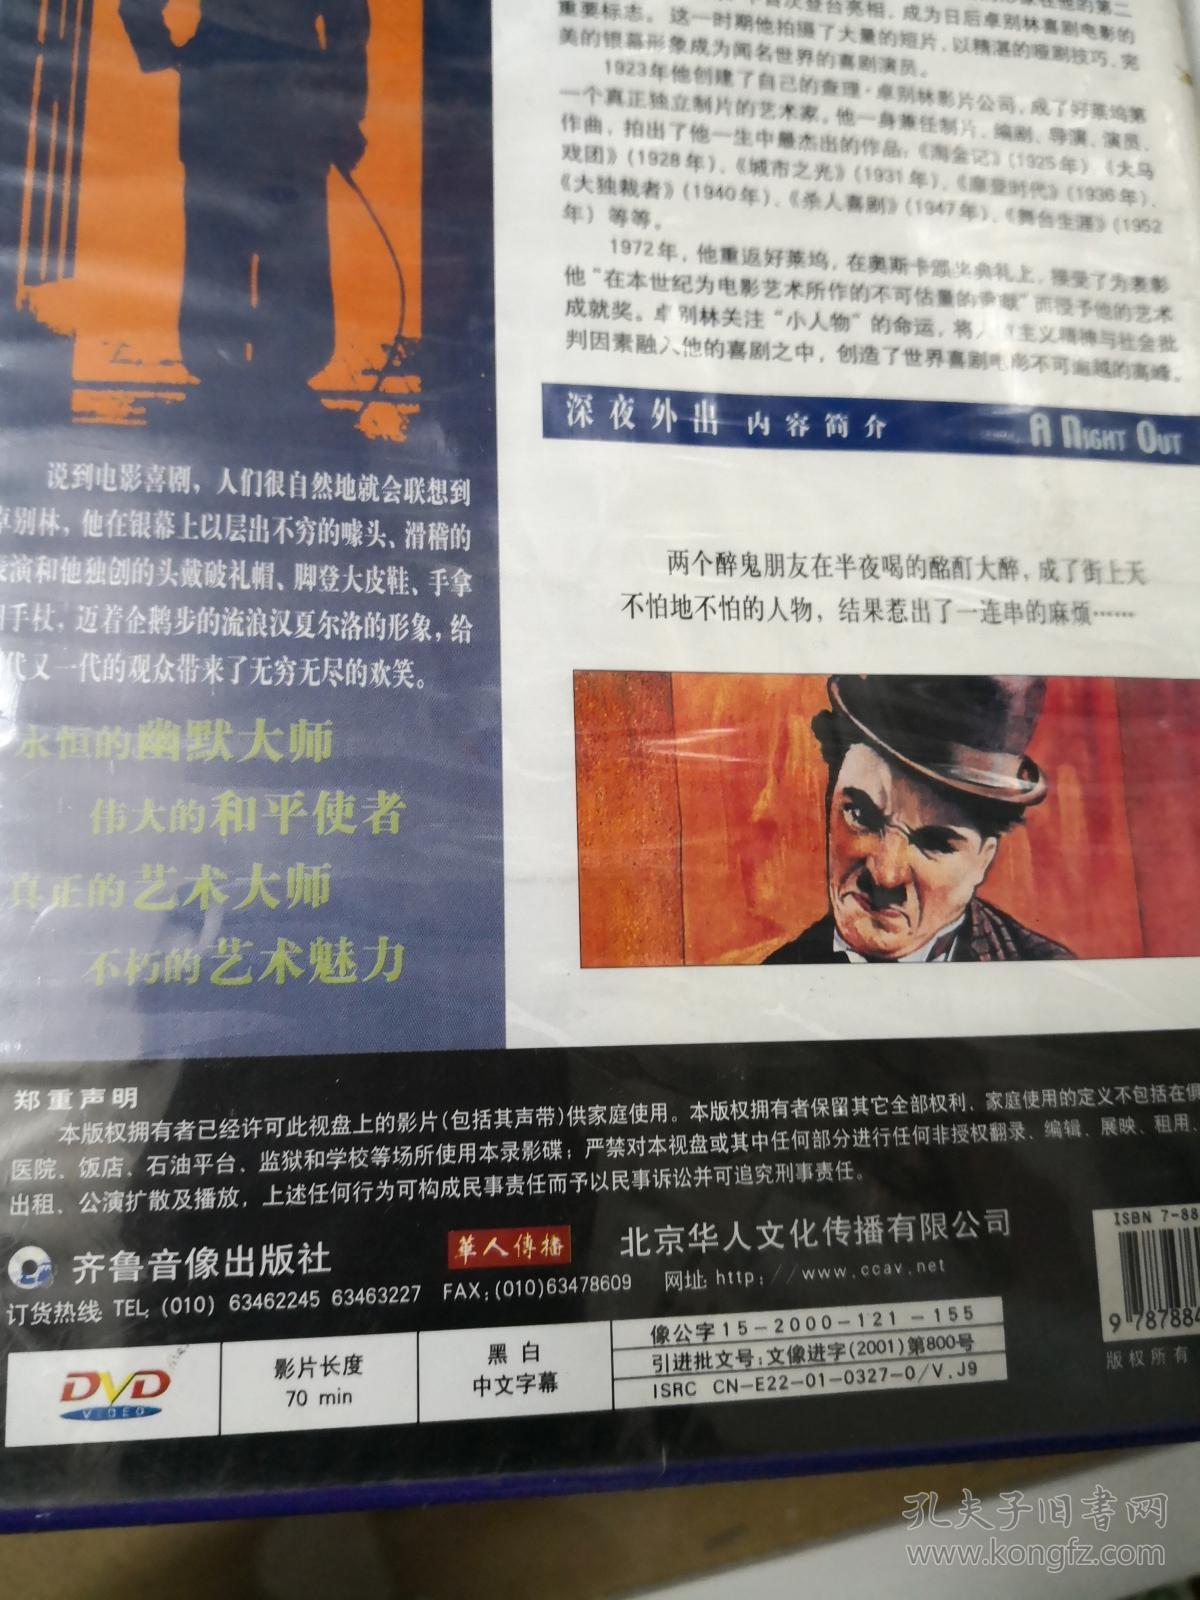 卓别林喜剧全集 dvd 22盒单片装 大兵日记,大独裁者,发薪日,大马戏团